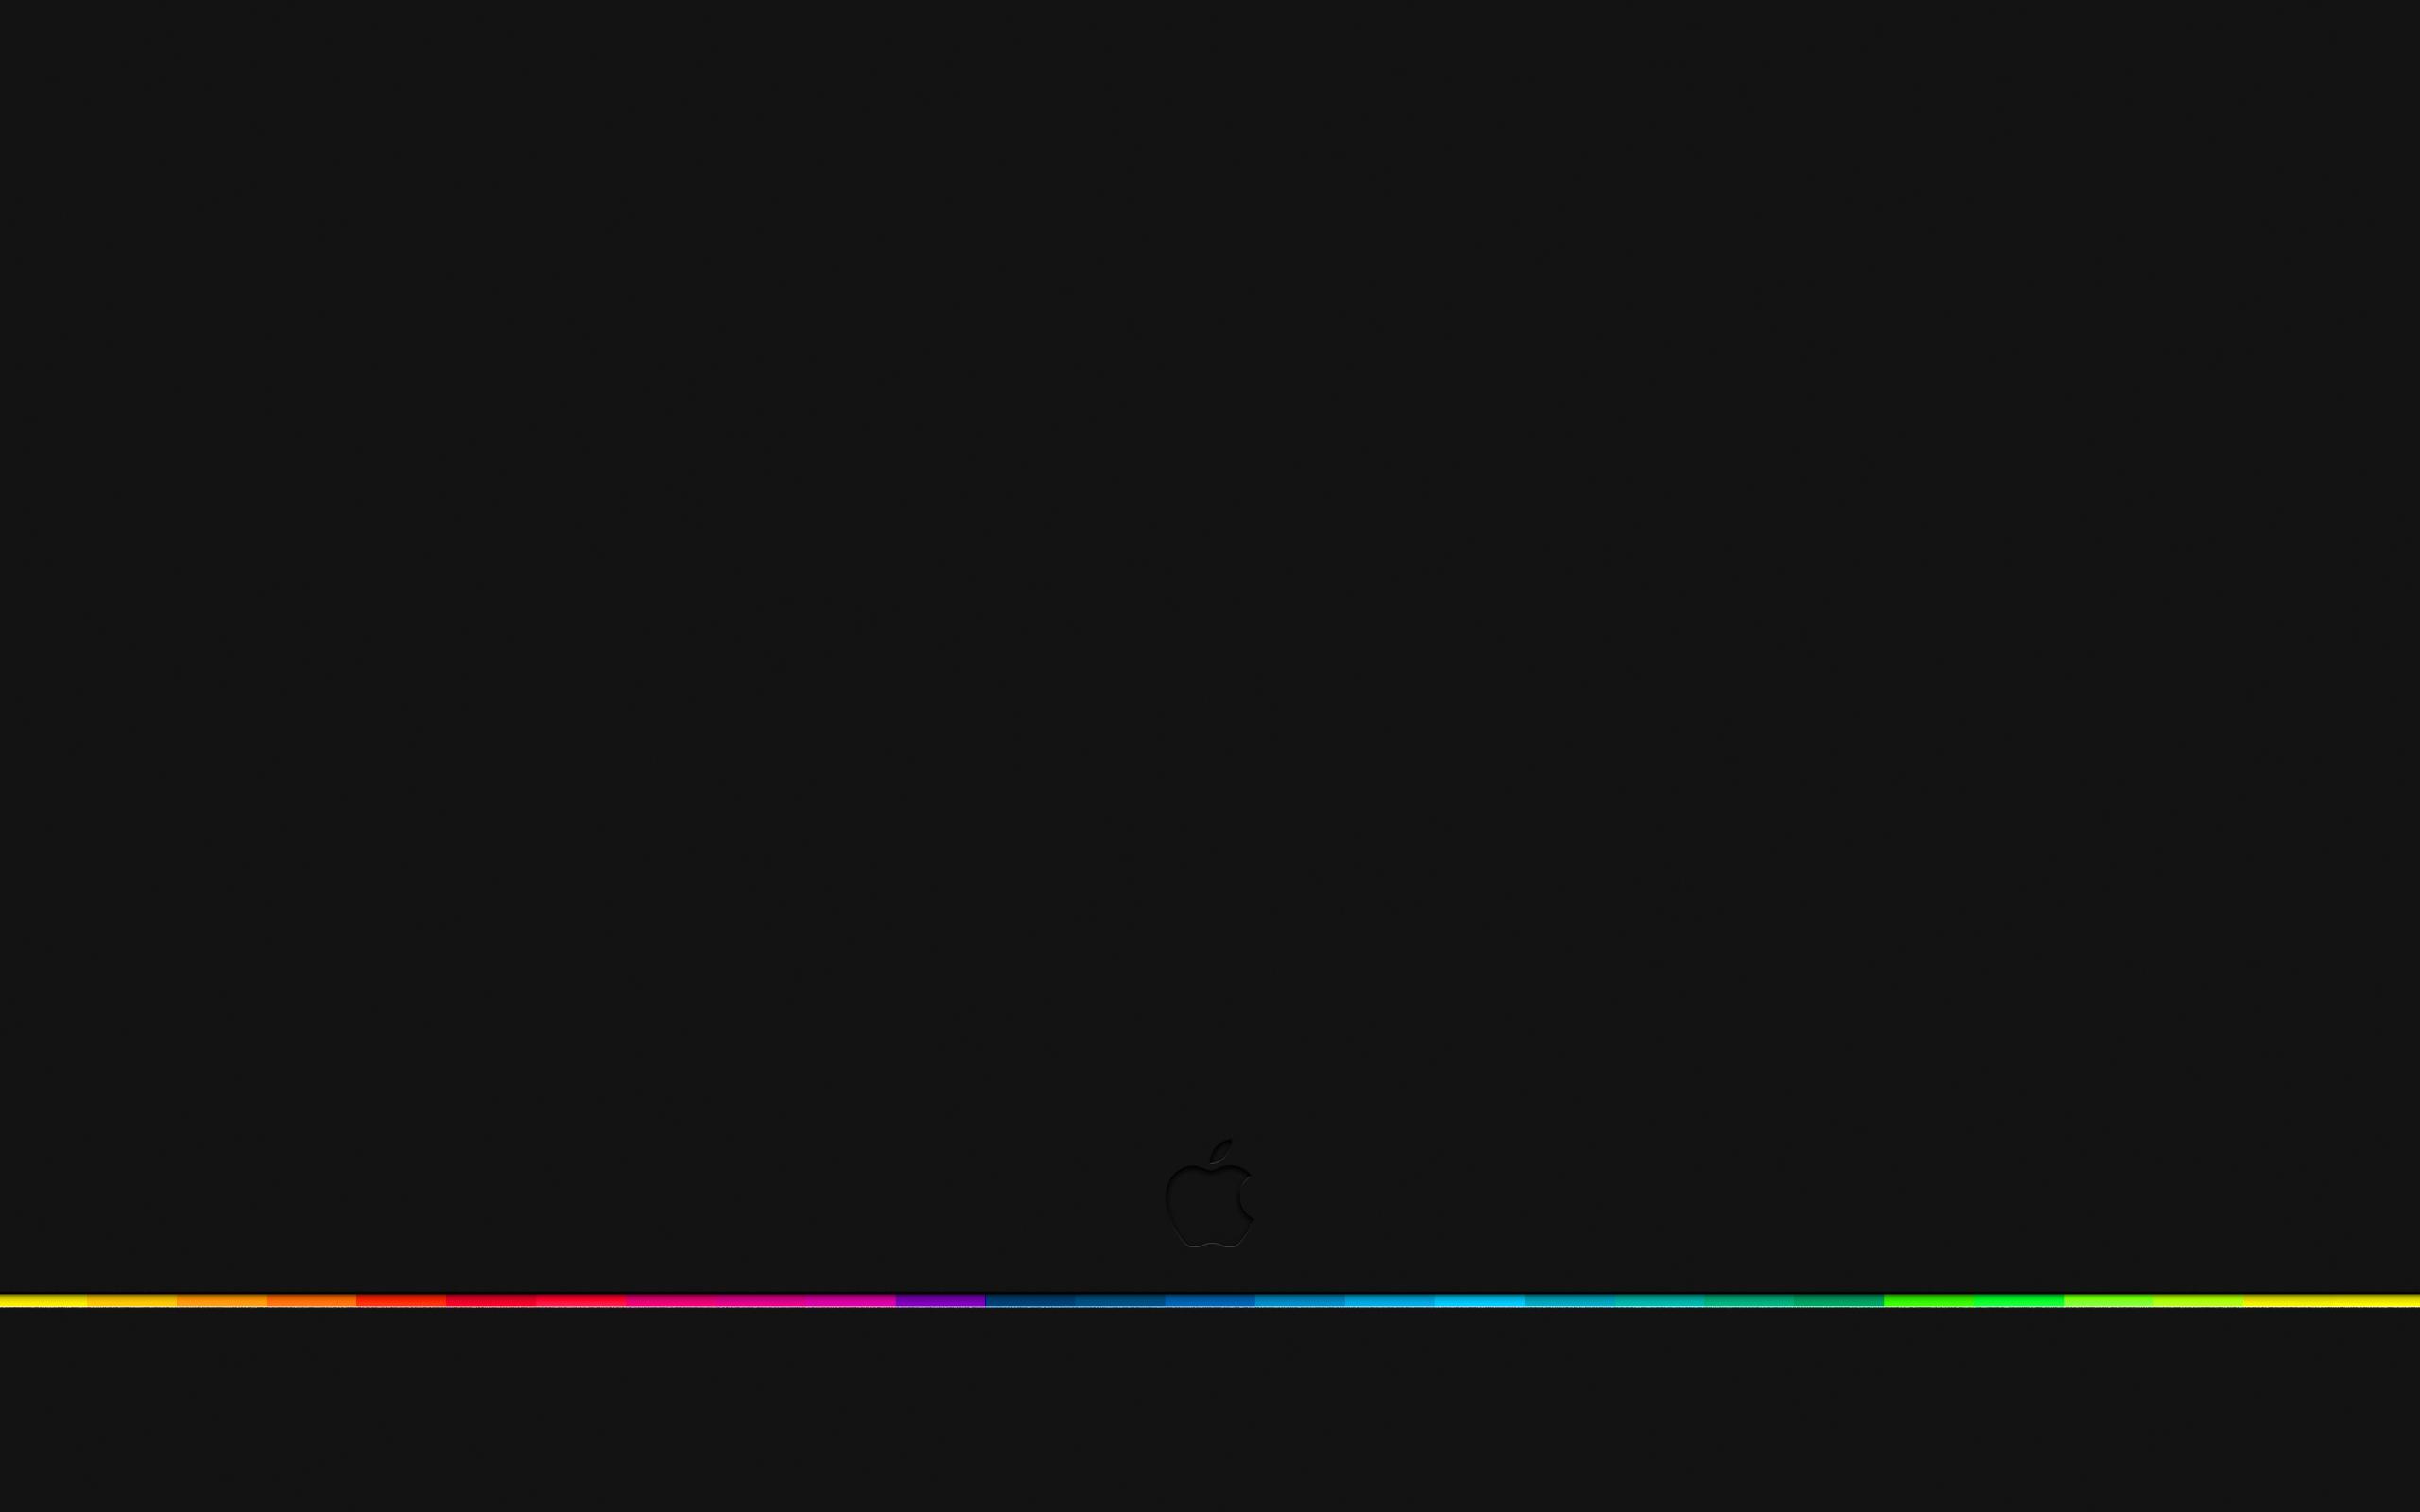 Simple Stripe Wallpaper 25495 2560x1600 px